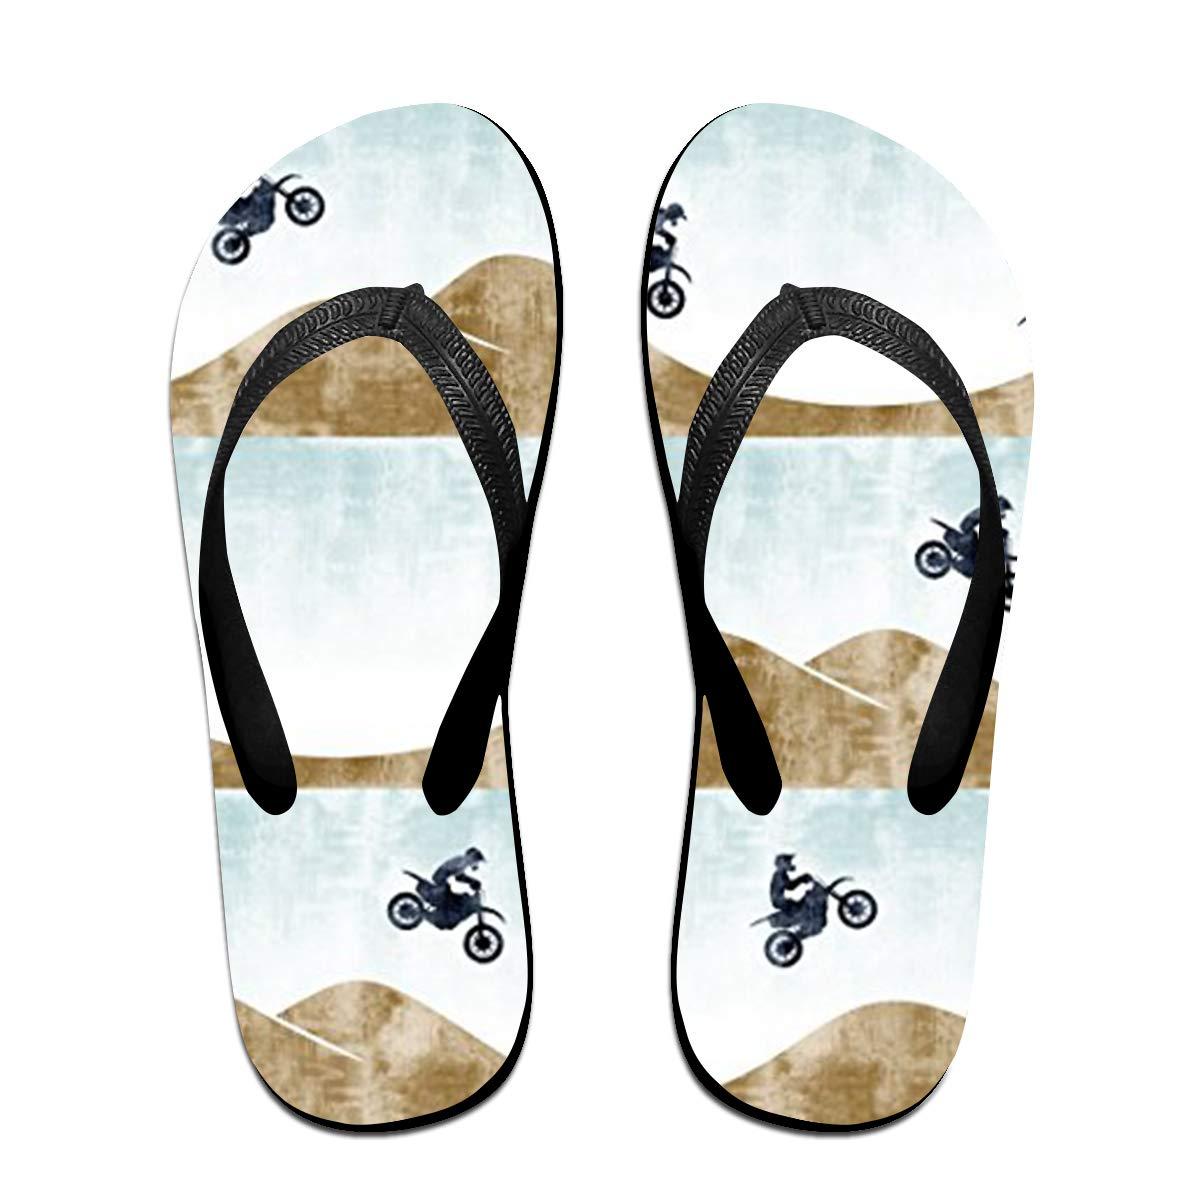 Riding Motor Mens and Womens Light Weight Shock Proof Summer Beach Slippers Flip Flops Sandals